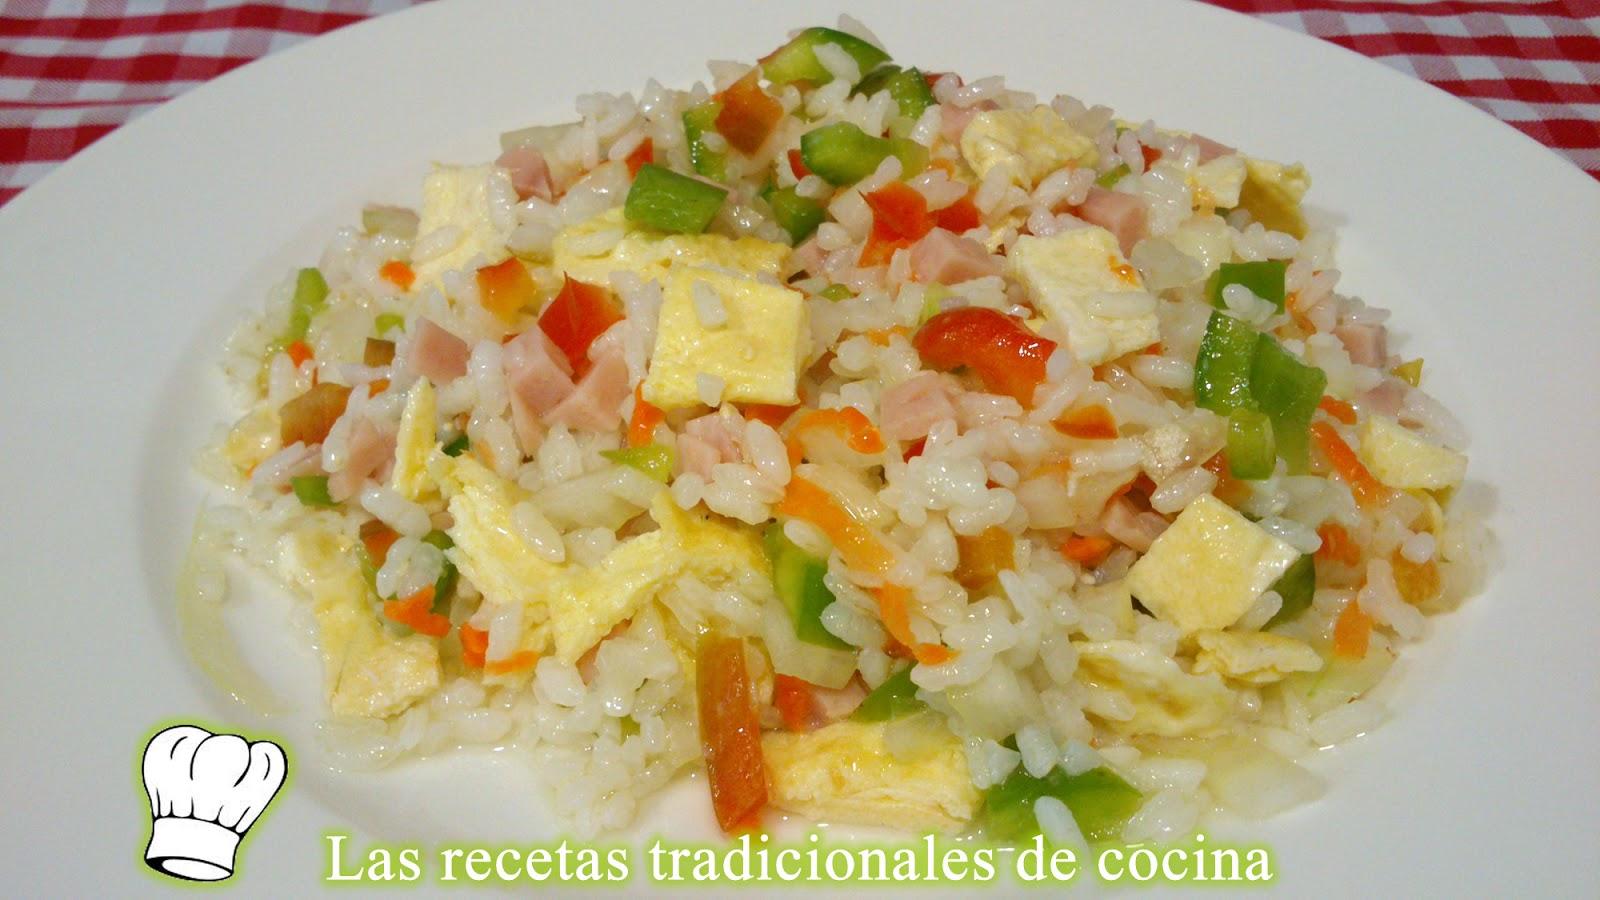 Receta de ensalada de arroz recetas de cocina con sabor for Ensalada francesa